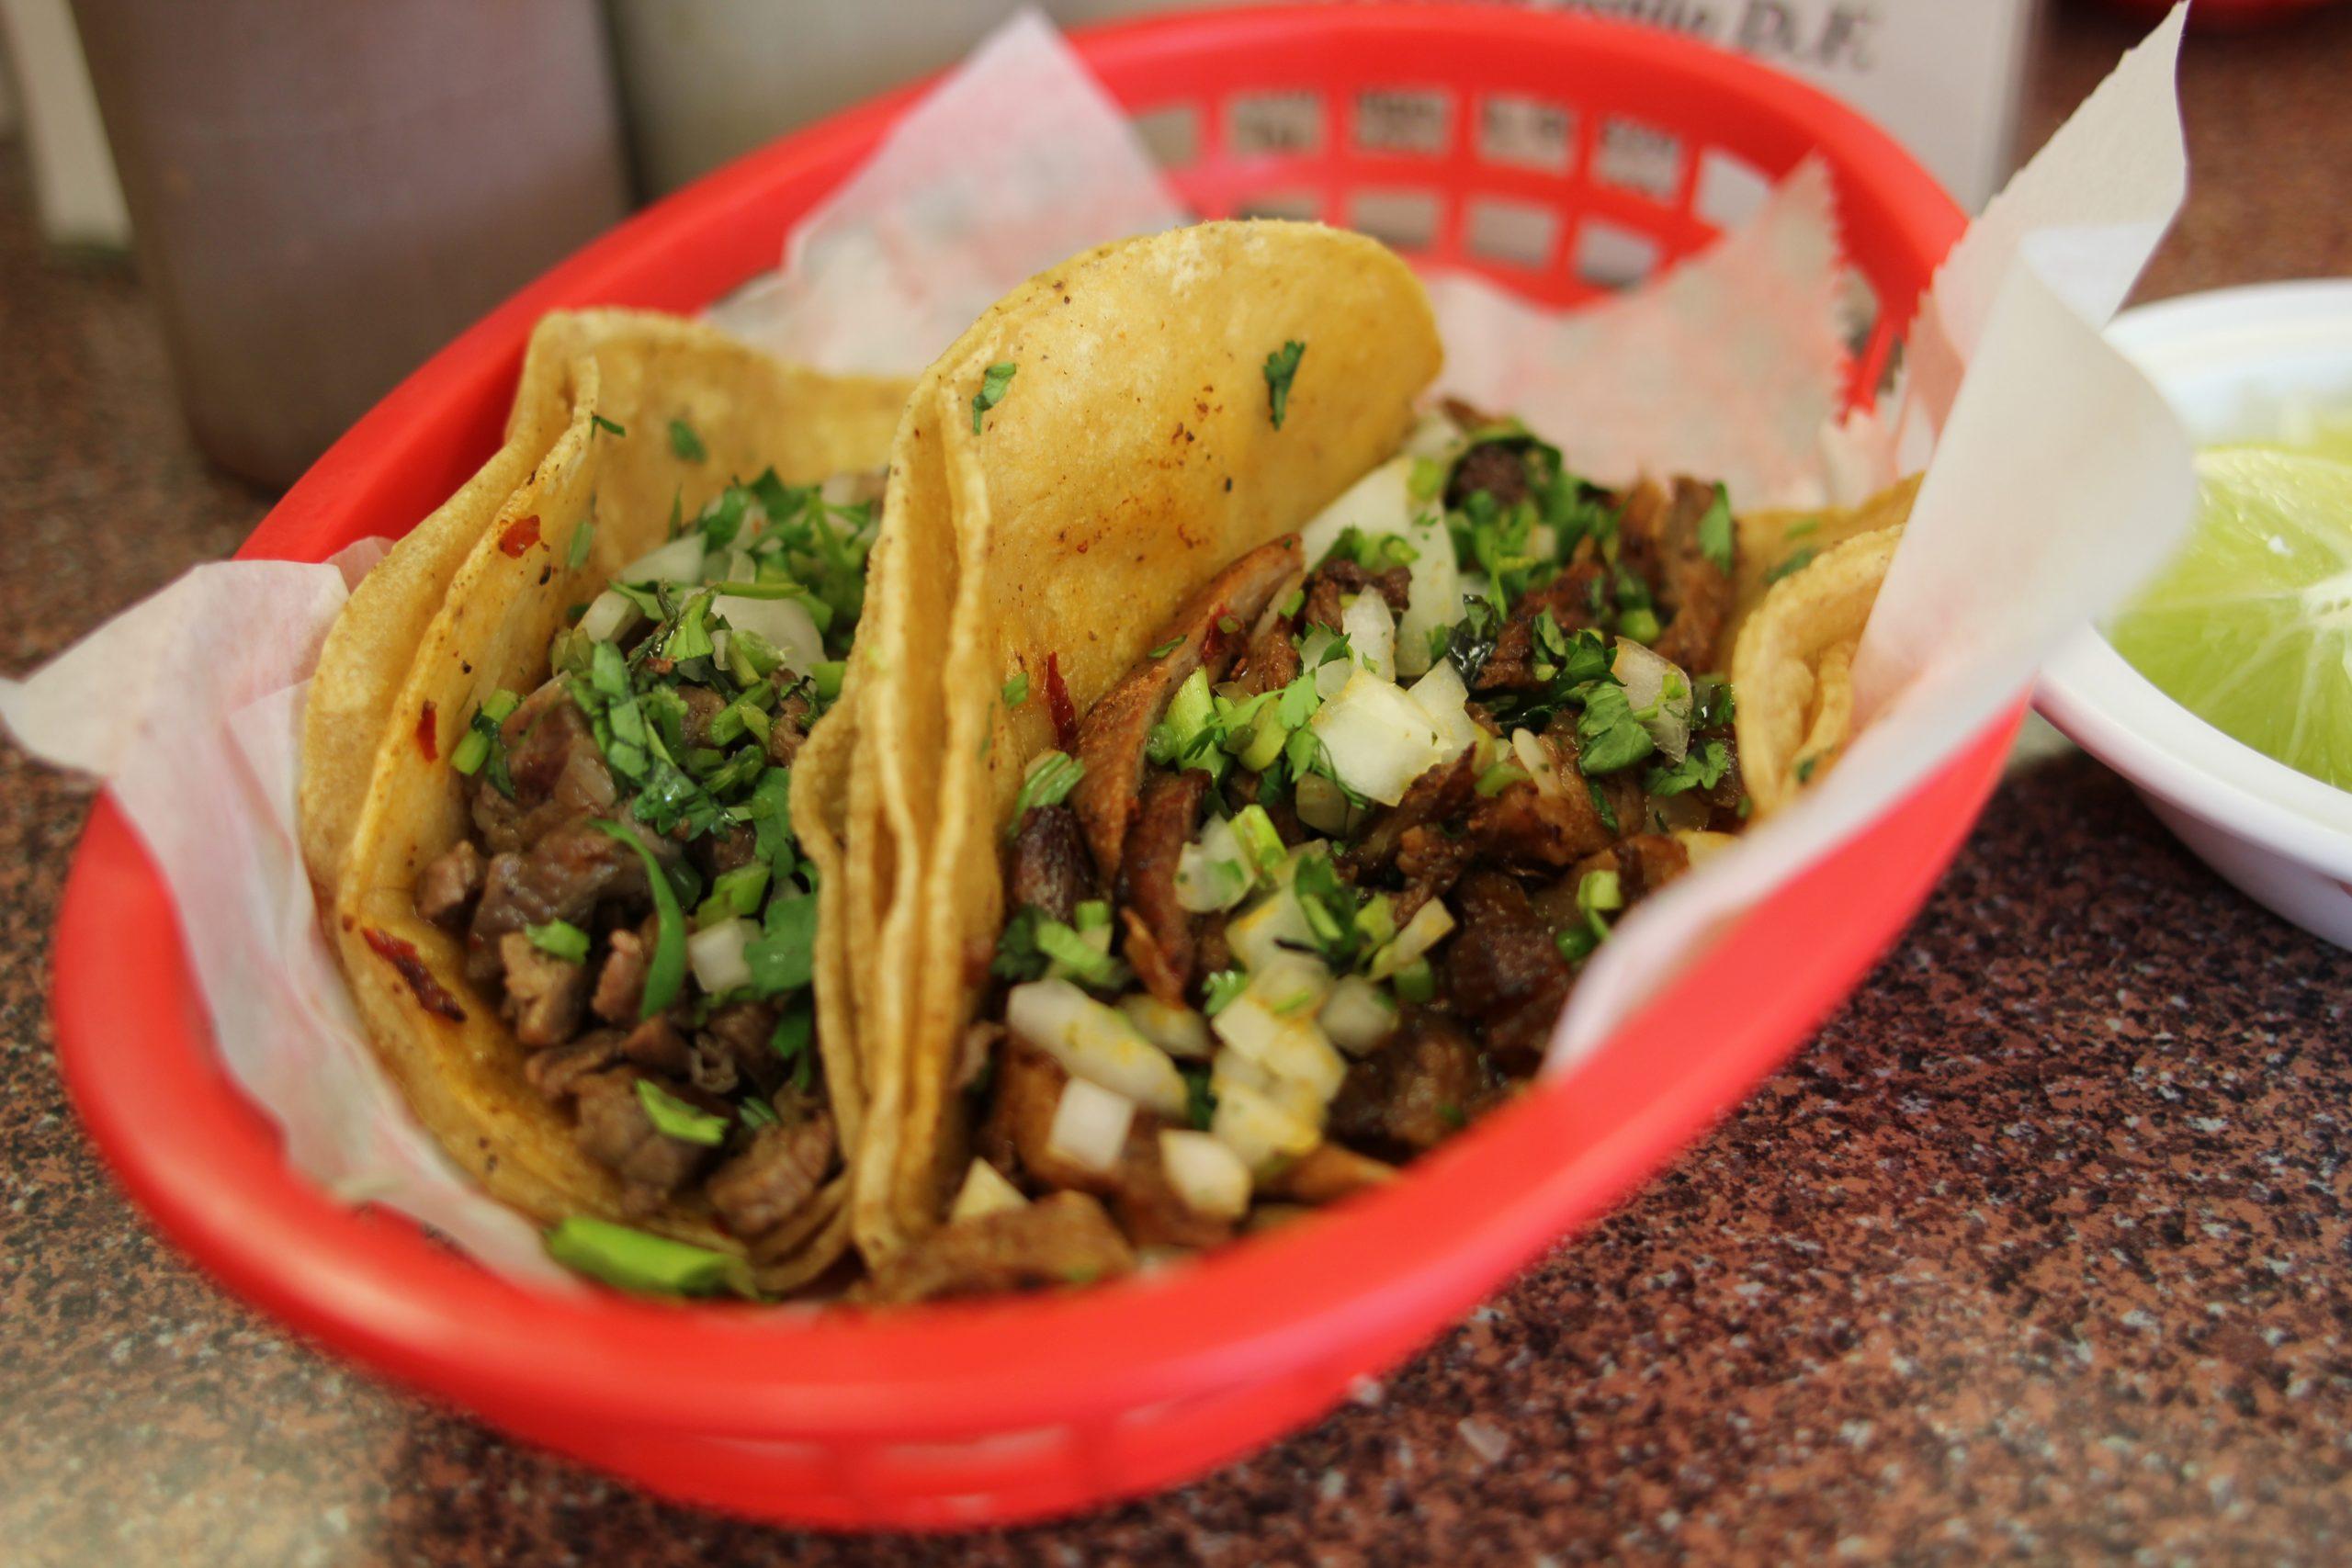 9. Taqueria El Pastor, 4418 W. 63rd. Tacos al pastor on a spit